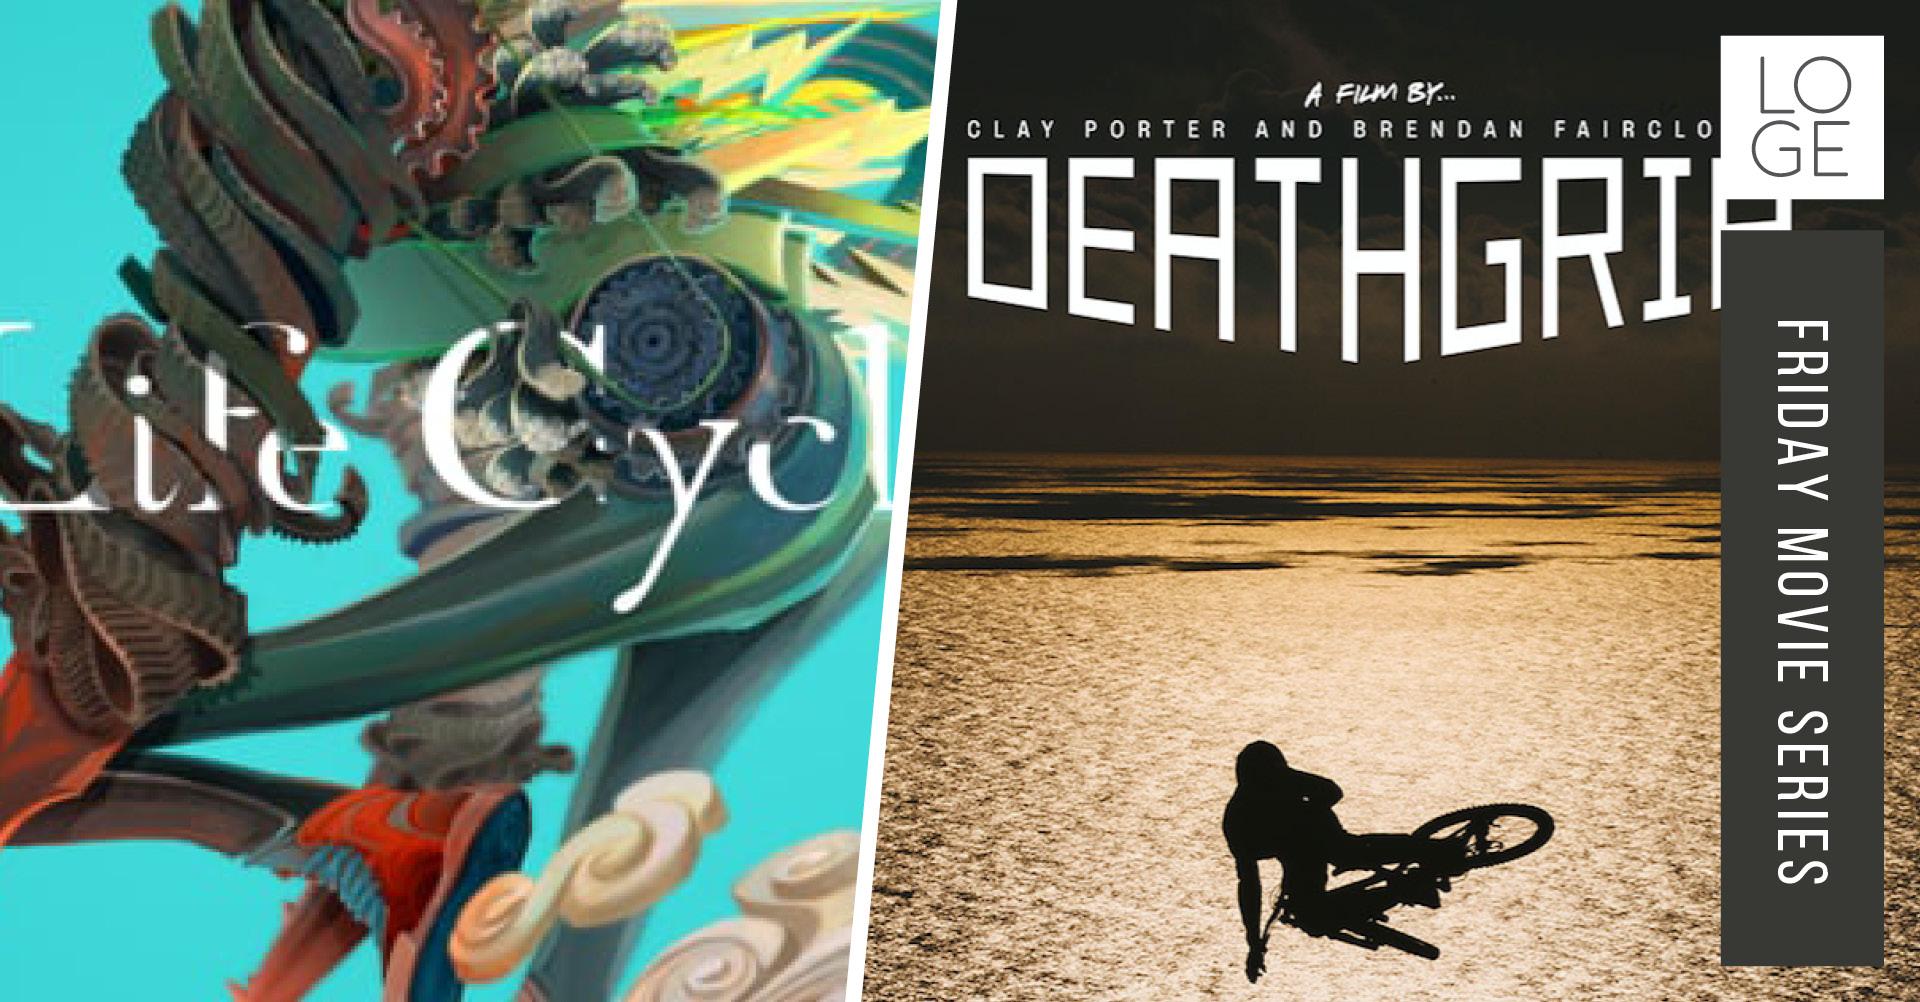 EC_Movie_LifeCycle_DeathGrip.jpg